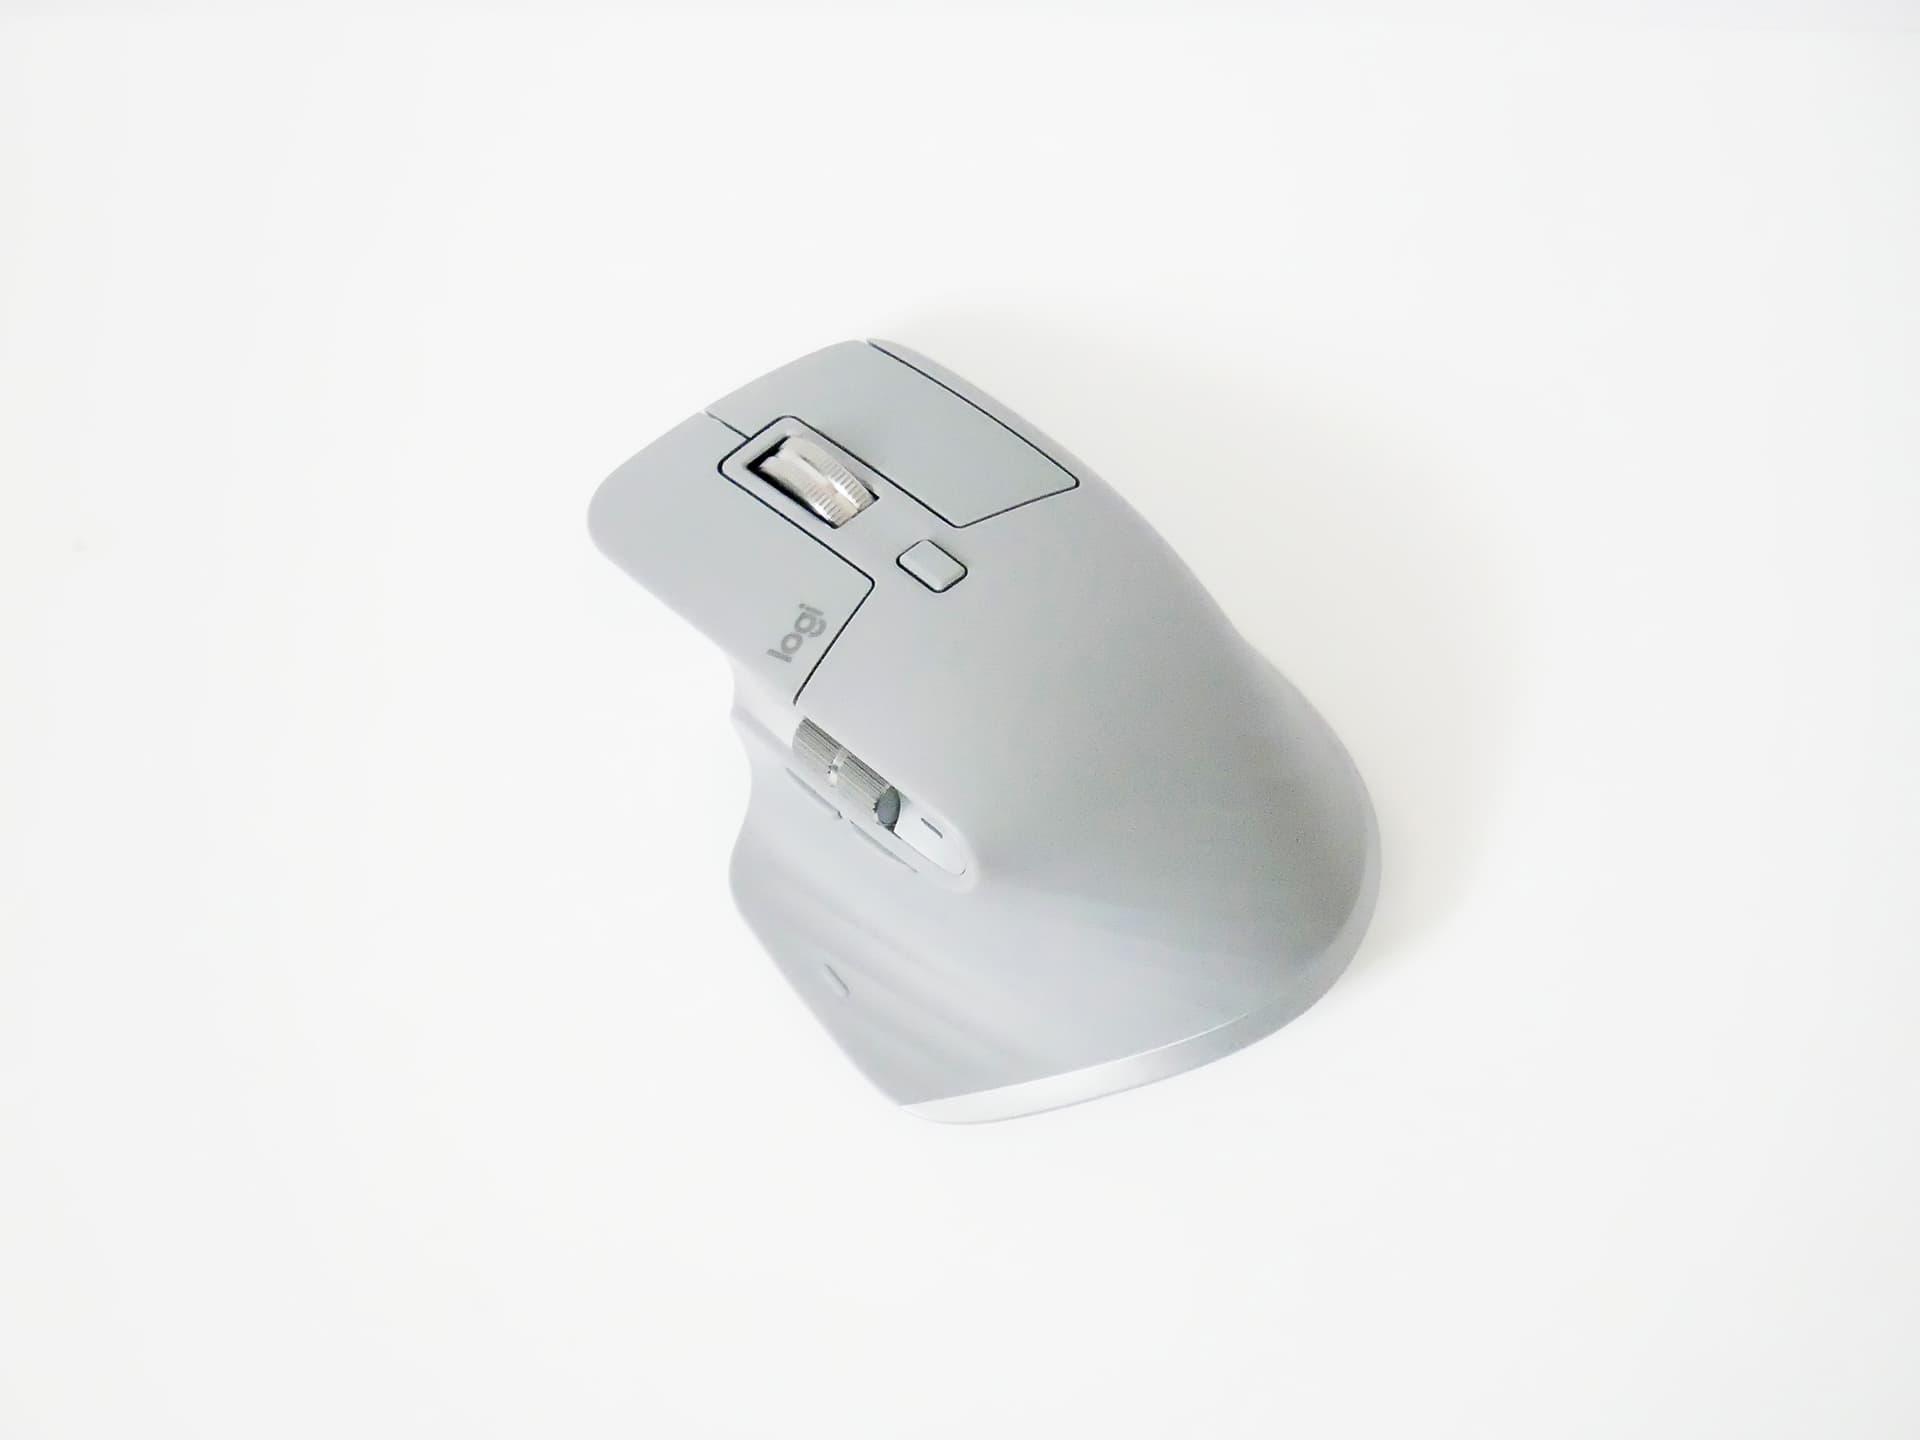 片翼の生えた機能的ワイヤレスマウス Logicool MX Master 3 - Fudangear ...